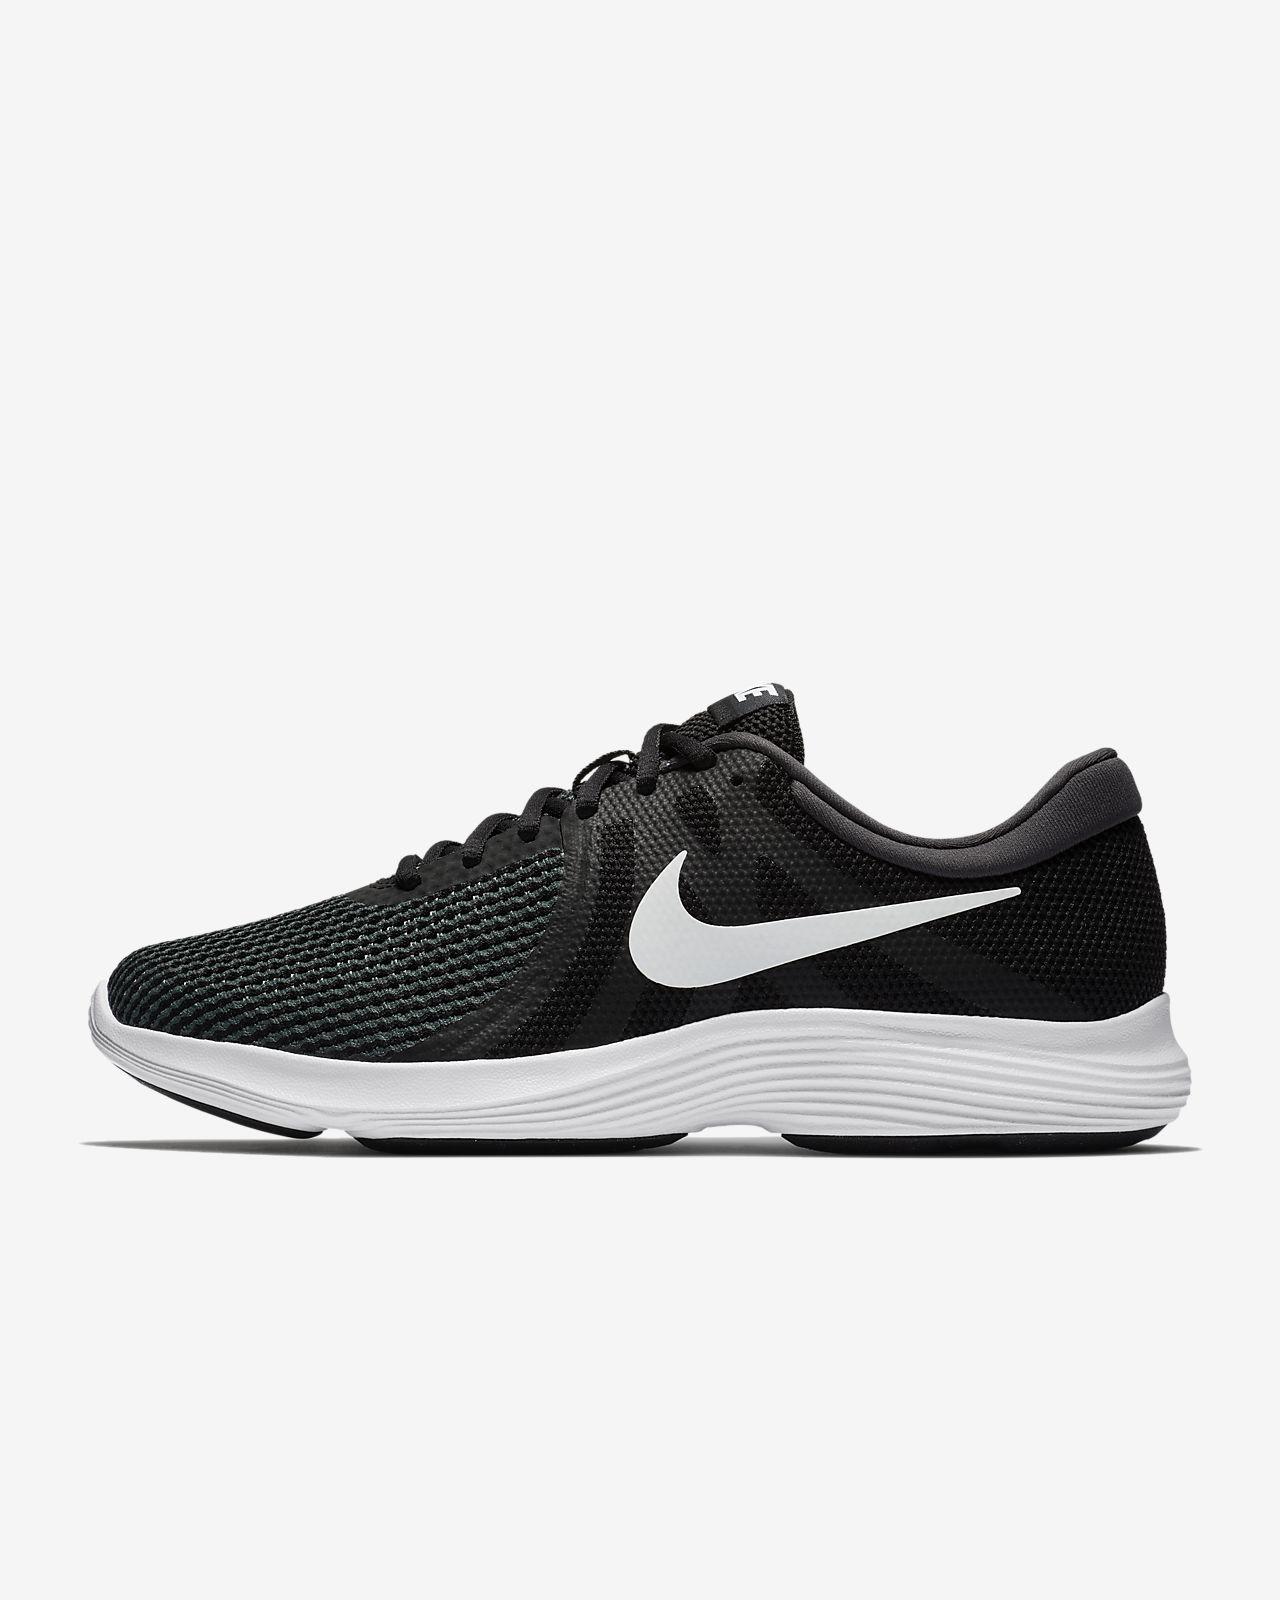 3f8a1871 Мужские беговые кроссовки Nike Revolution 4 (EU). Nike.com RU